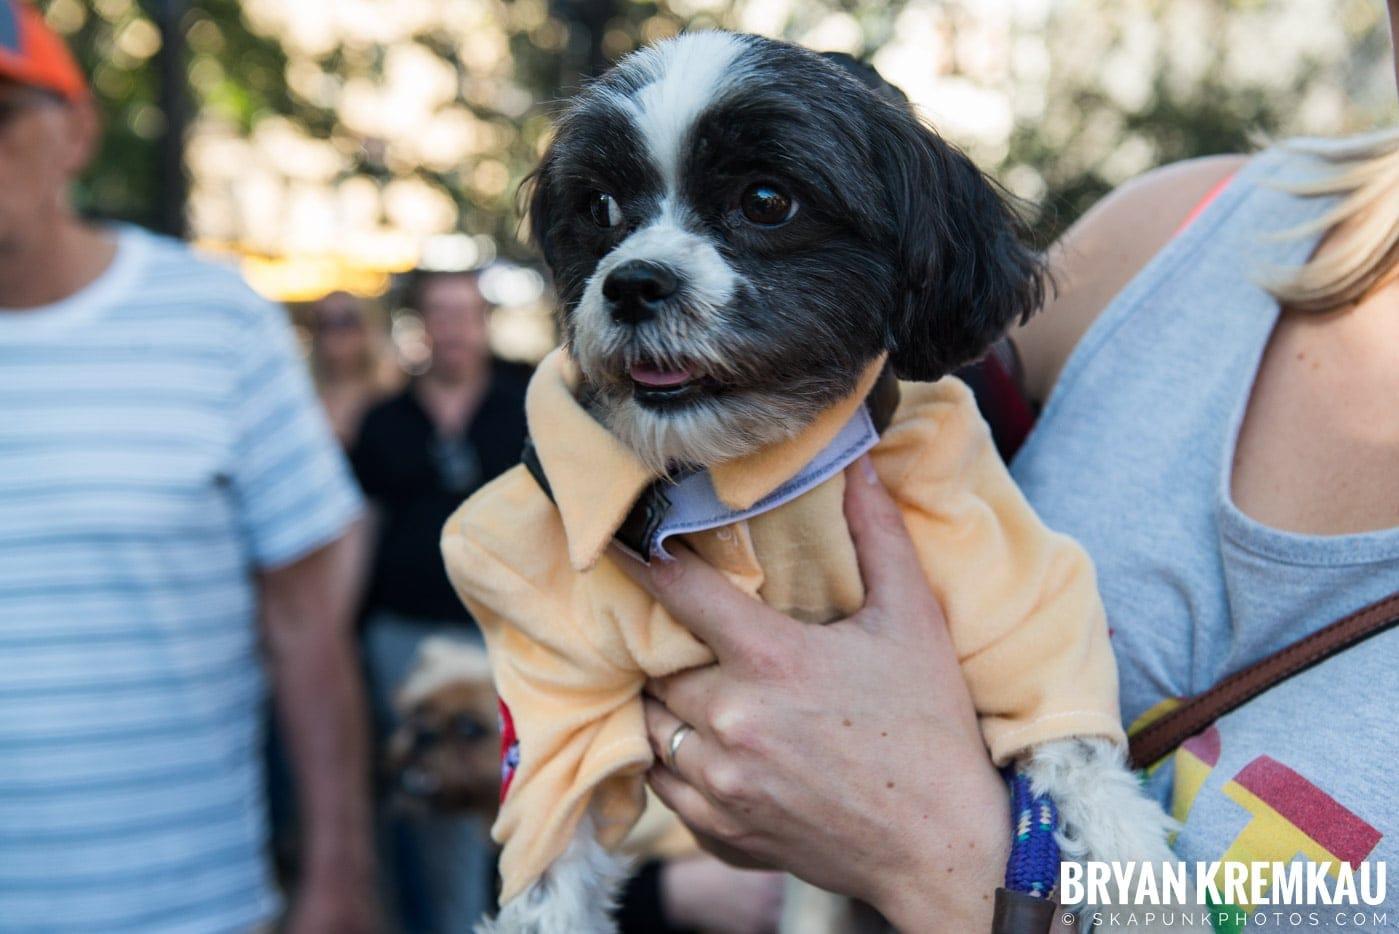 Tompkins Square Park Halloween Dog Parade 2017 @ Tompkins Square Park, NYC - 10.21.17 (11)